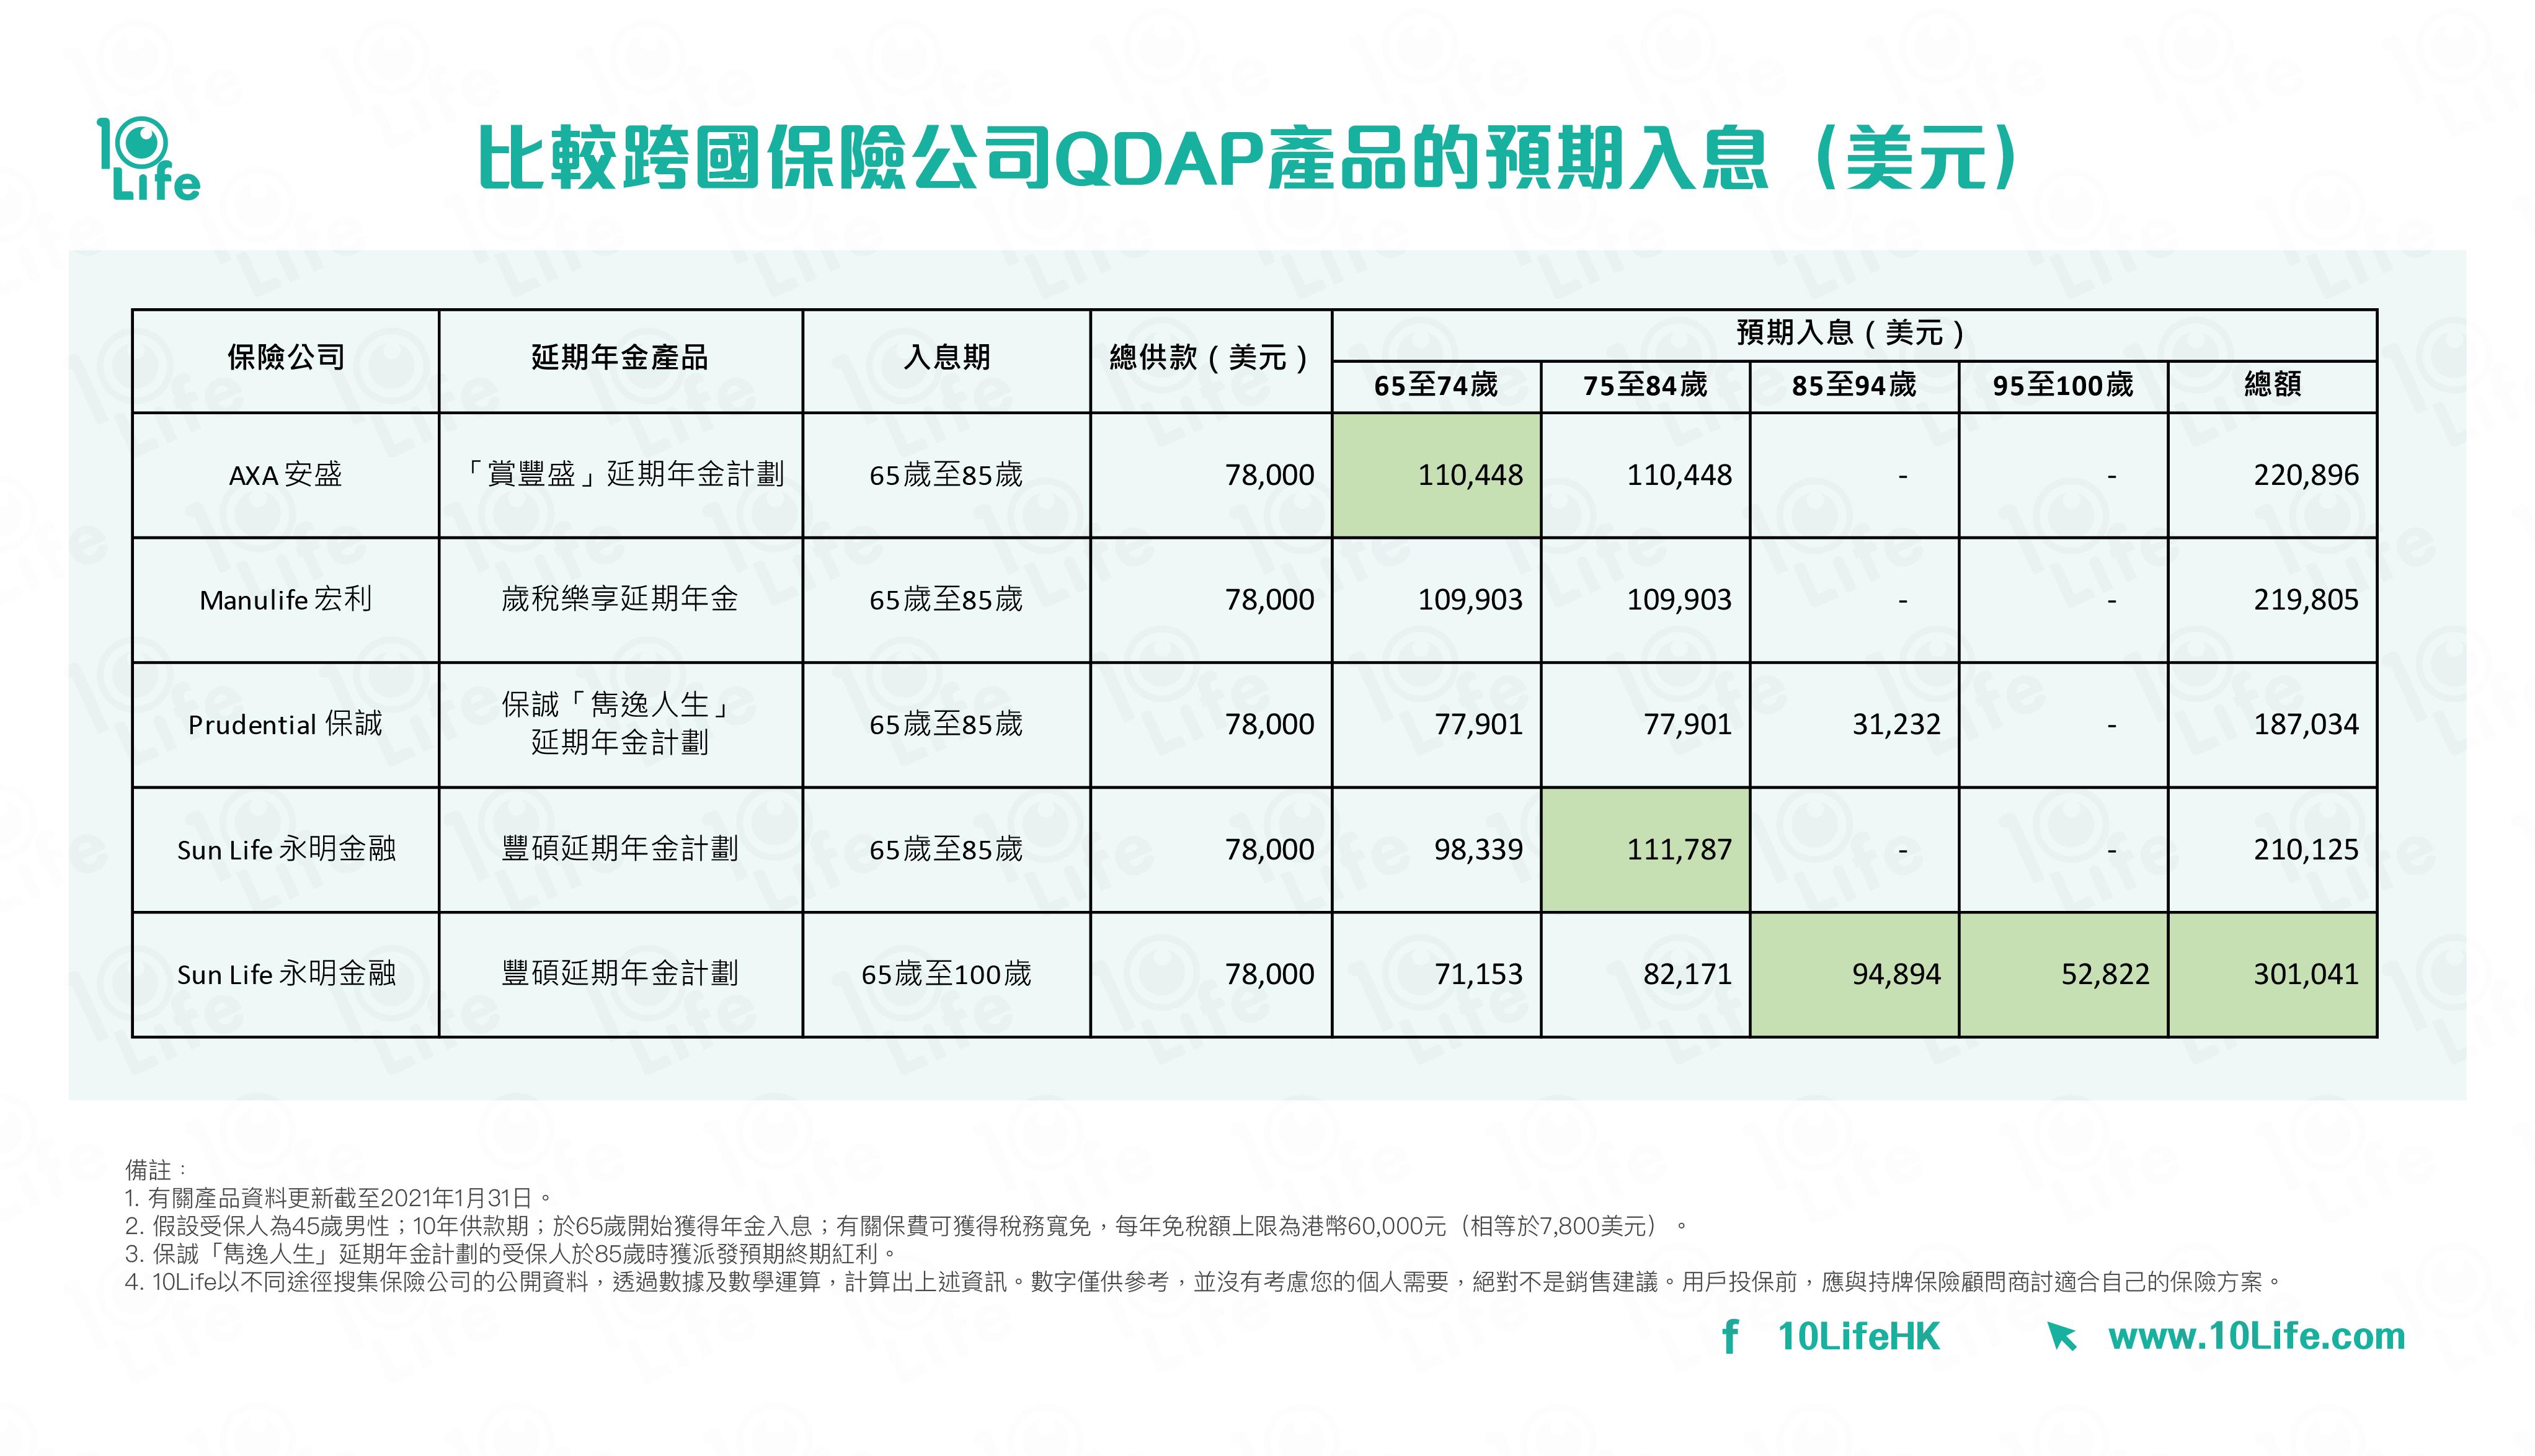 比較跨國保險公司QDAP產品的預期入息(美元):AXA 安盛; Manulife 宏利; Prudential 保誠;  Sun Life 永明金融